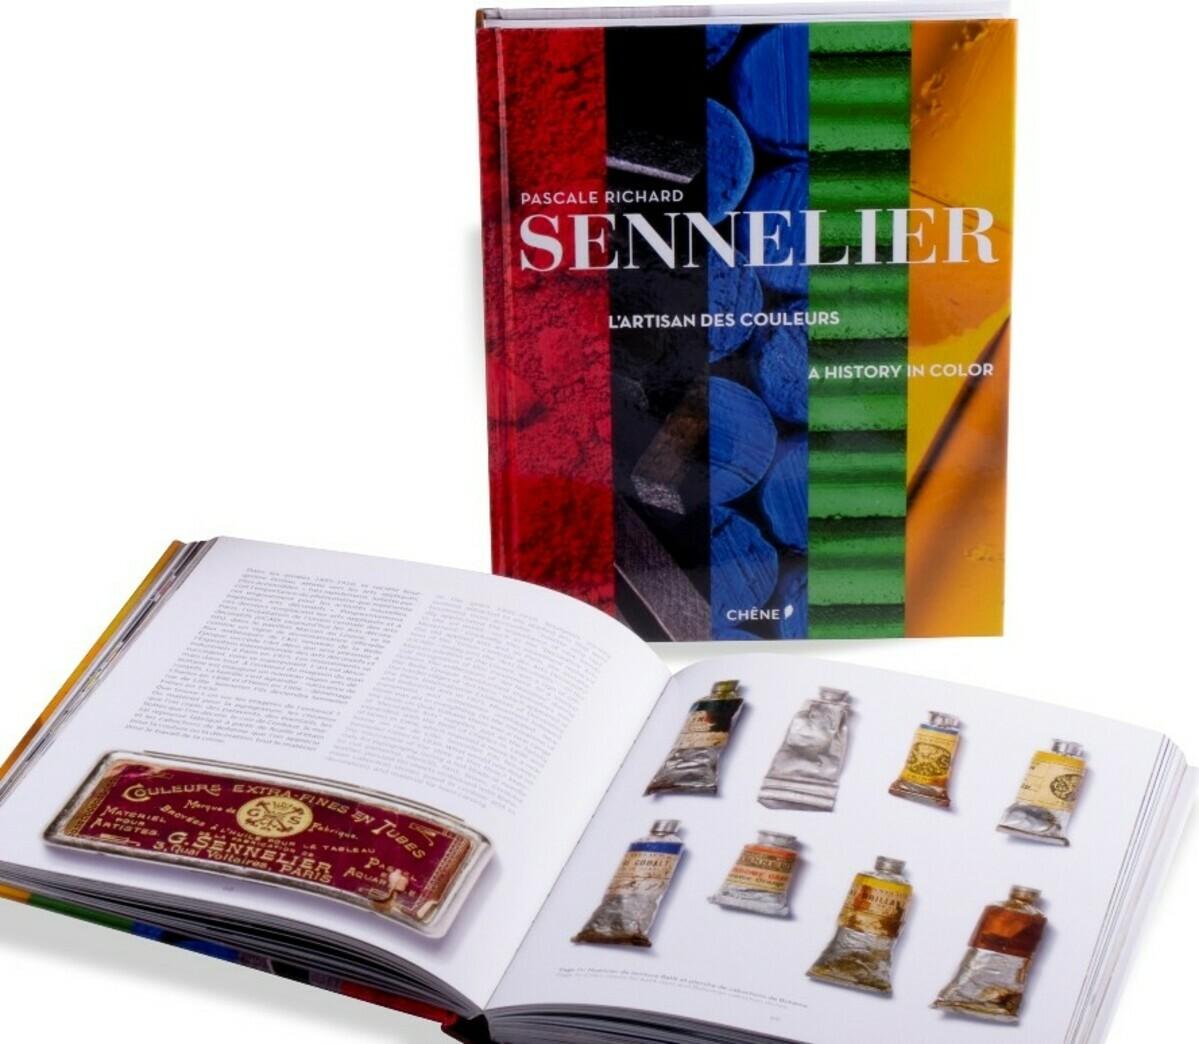 SENNELIER, L'ARTISAN DES COULEURS